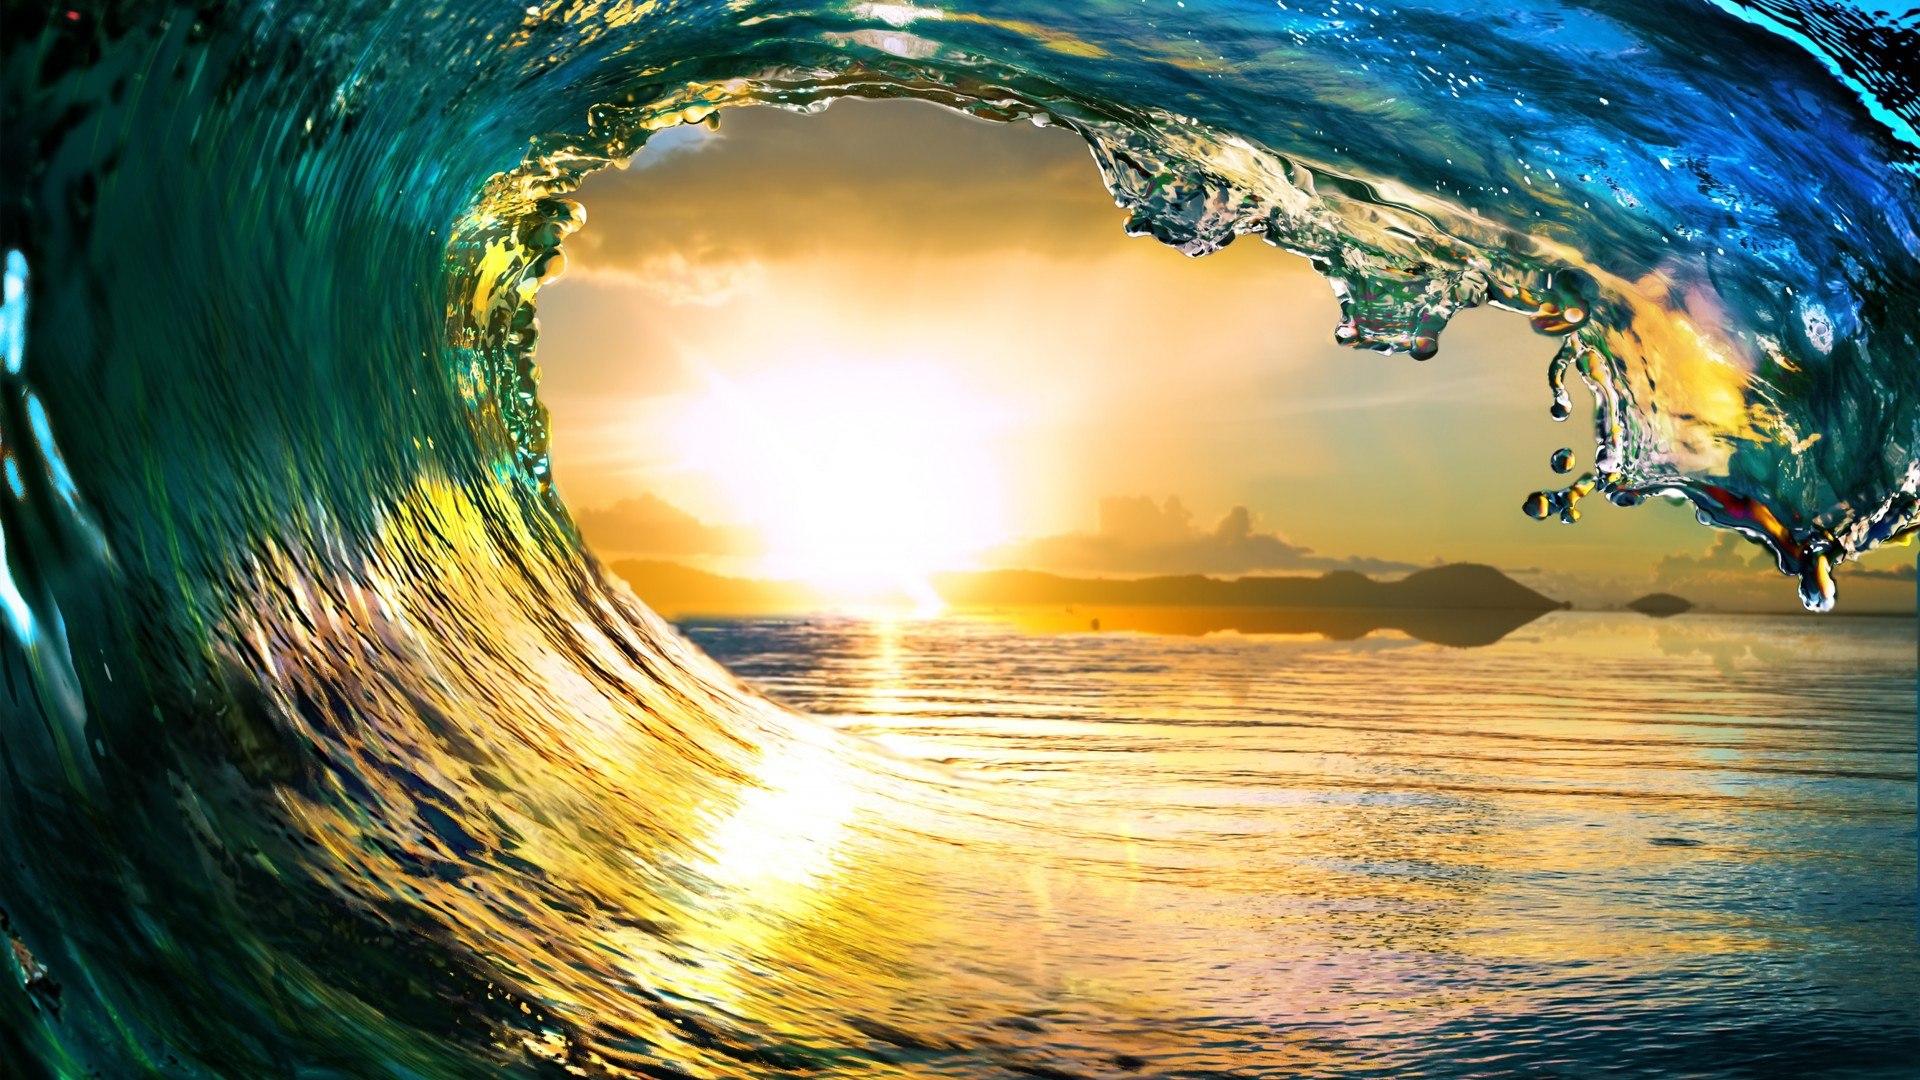 hình nền sóng biển full hd